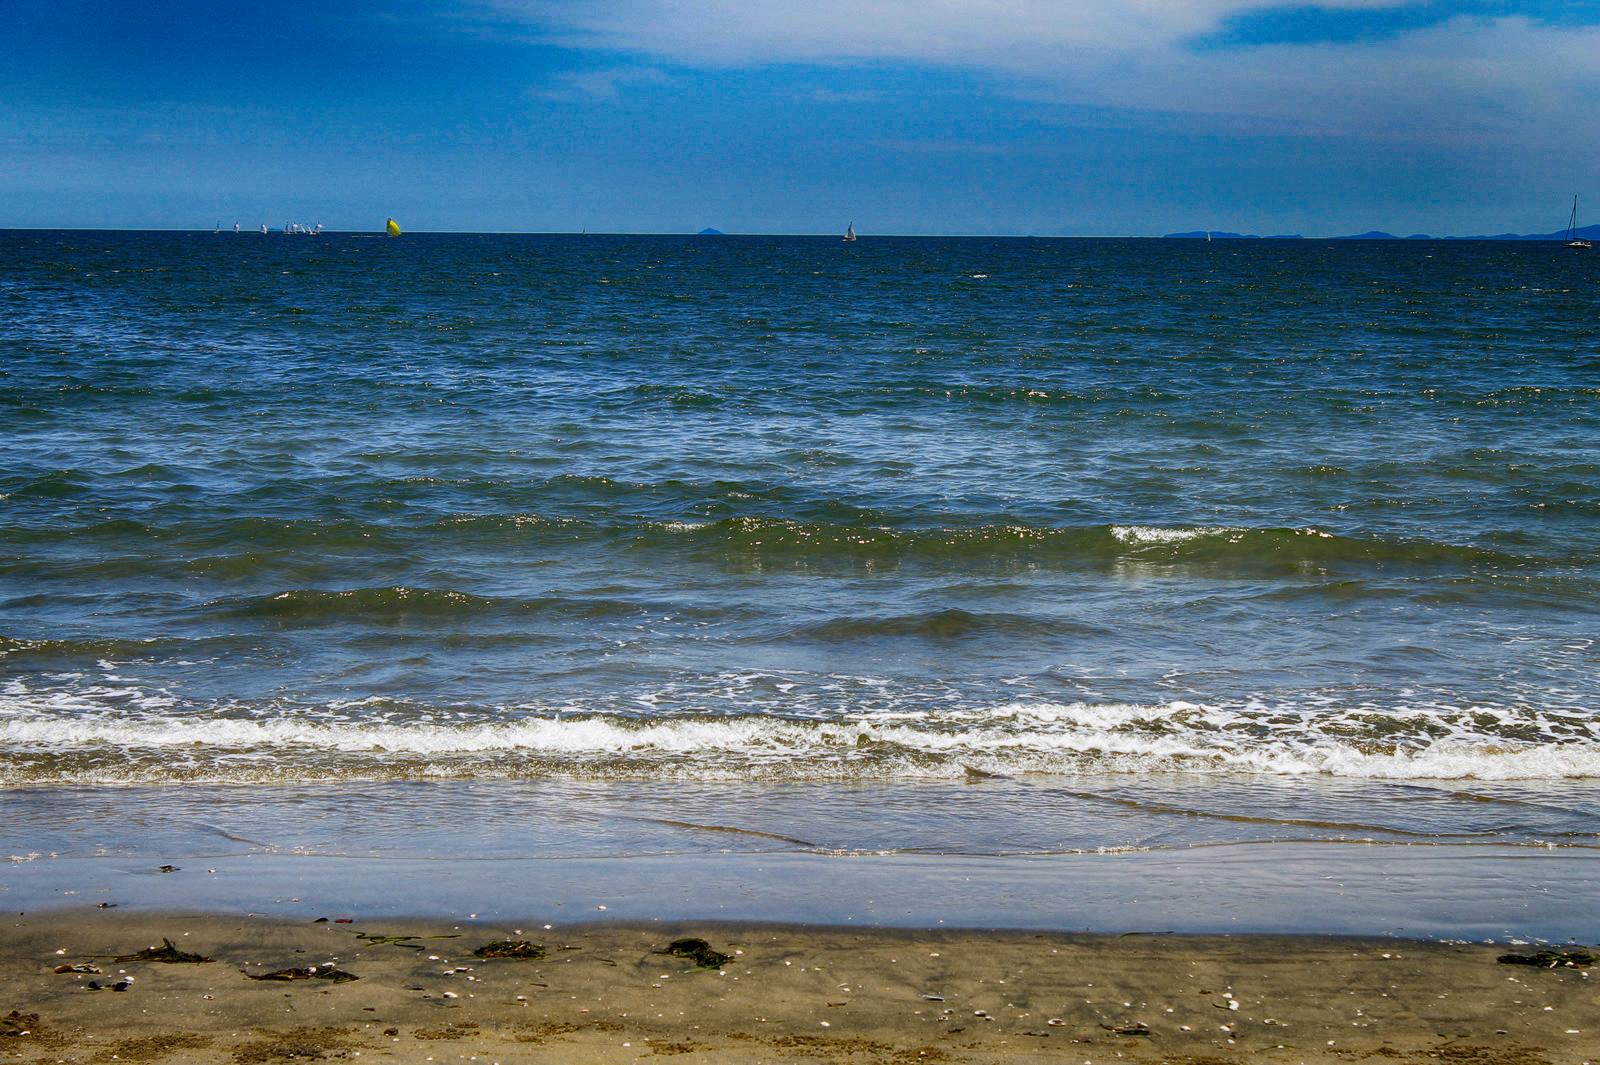 砂浜 波打ち際 さざ波の写真